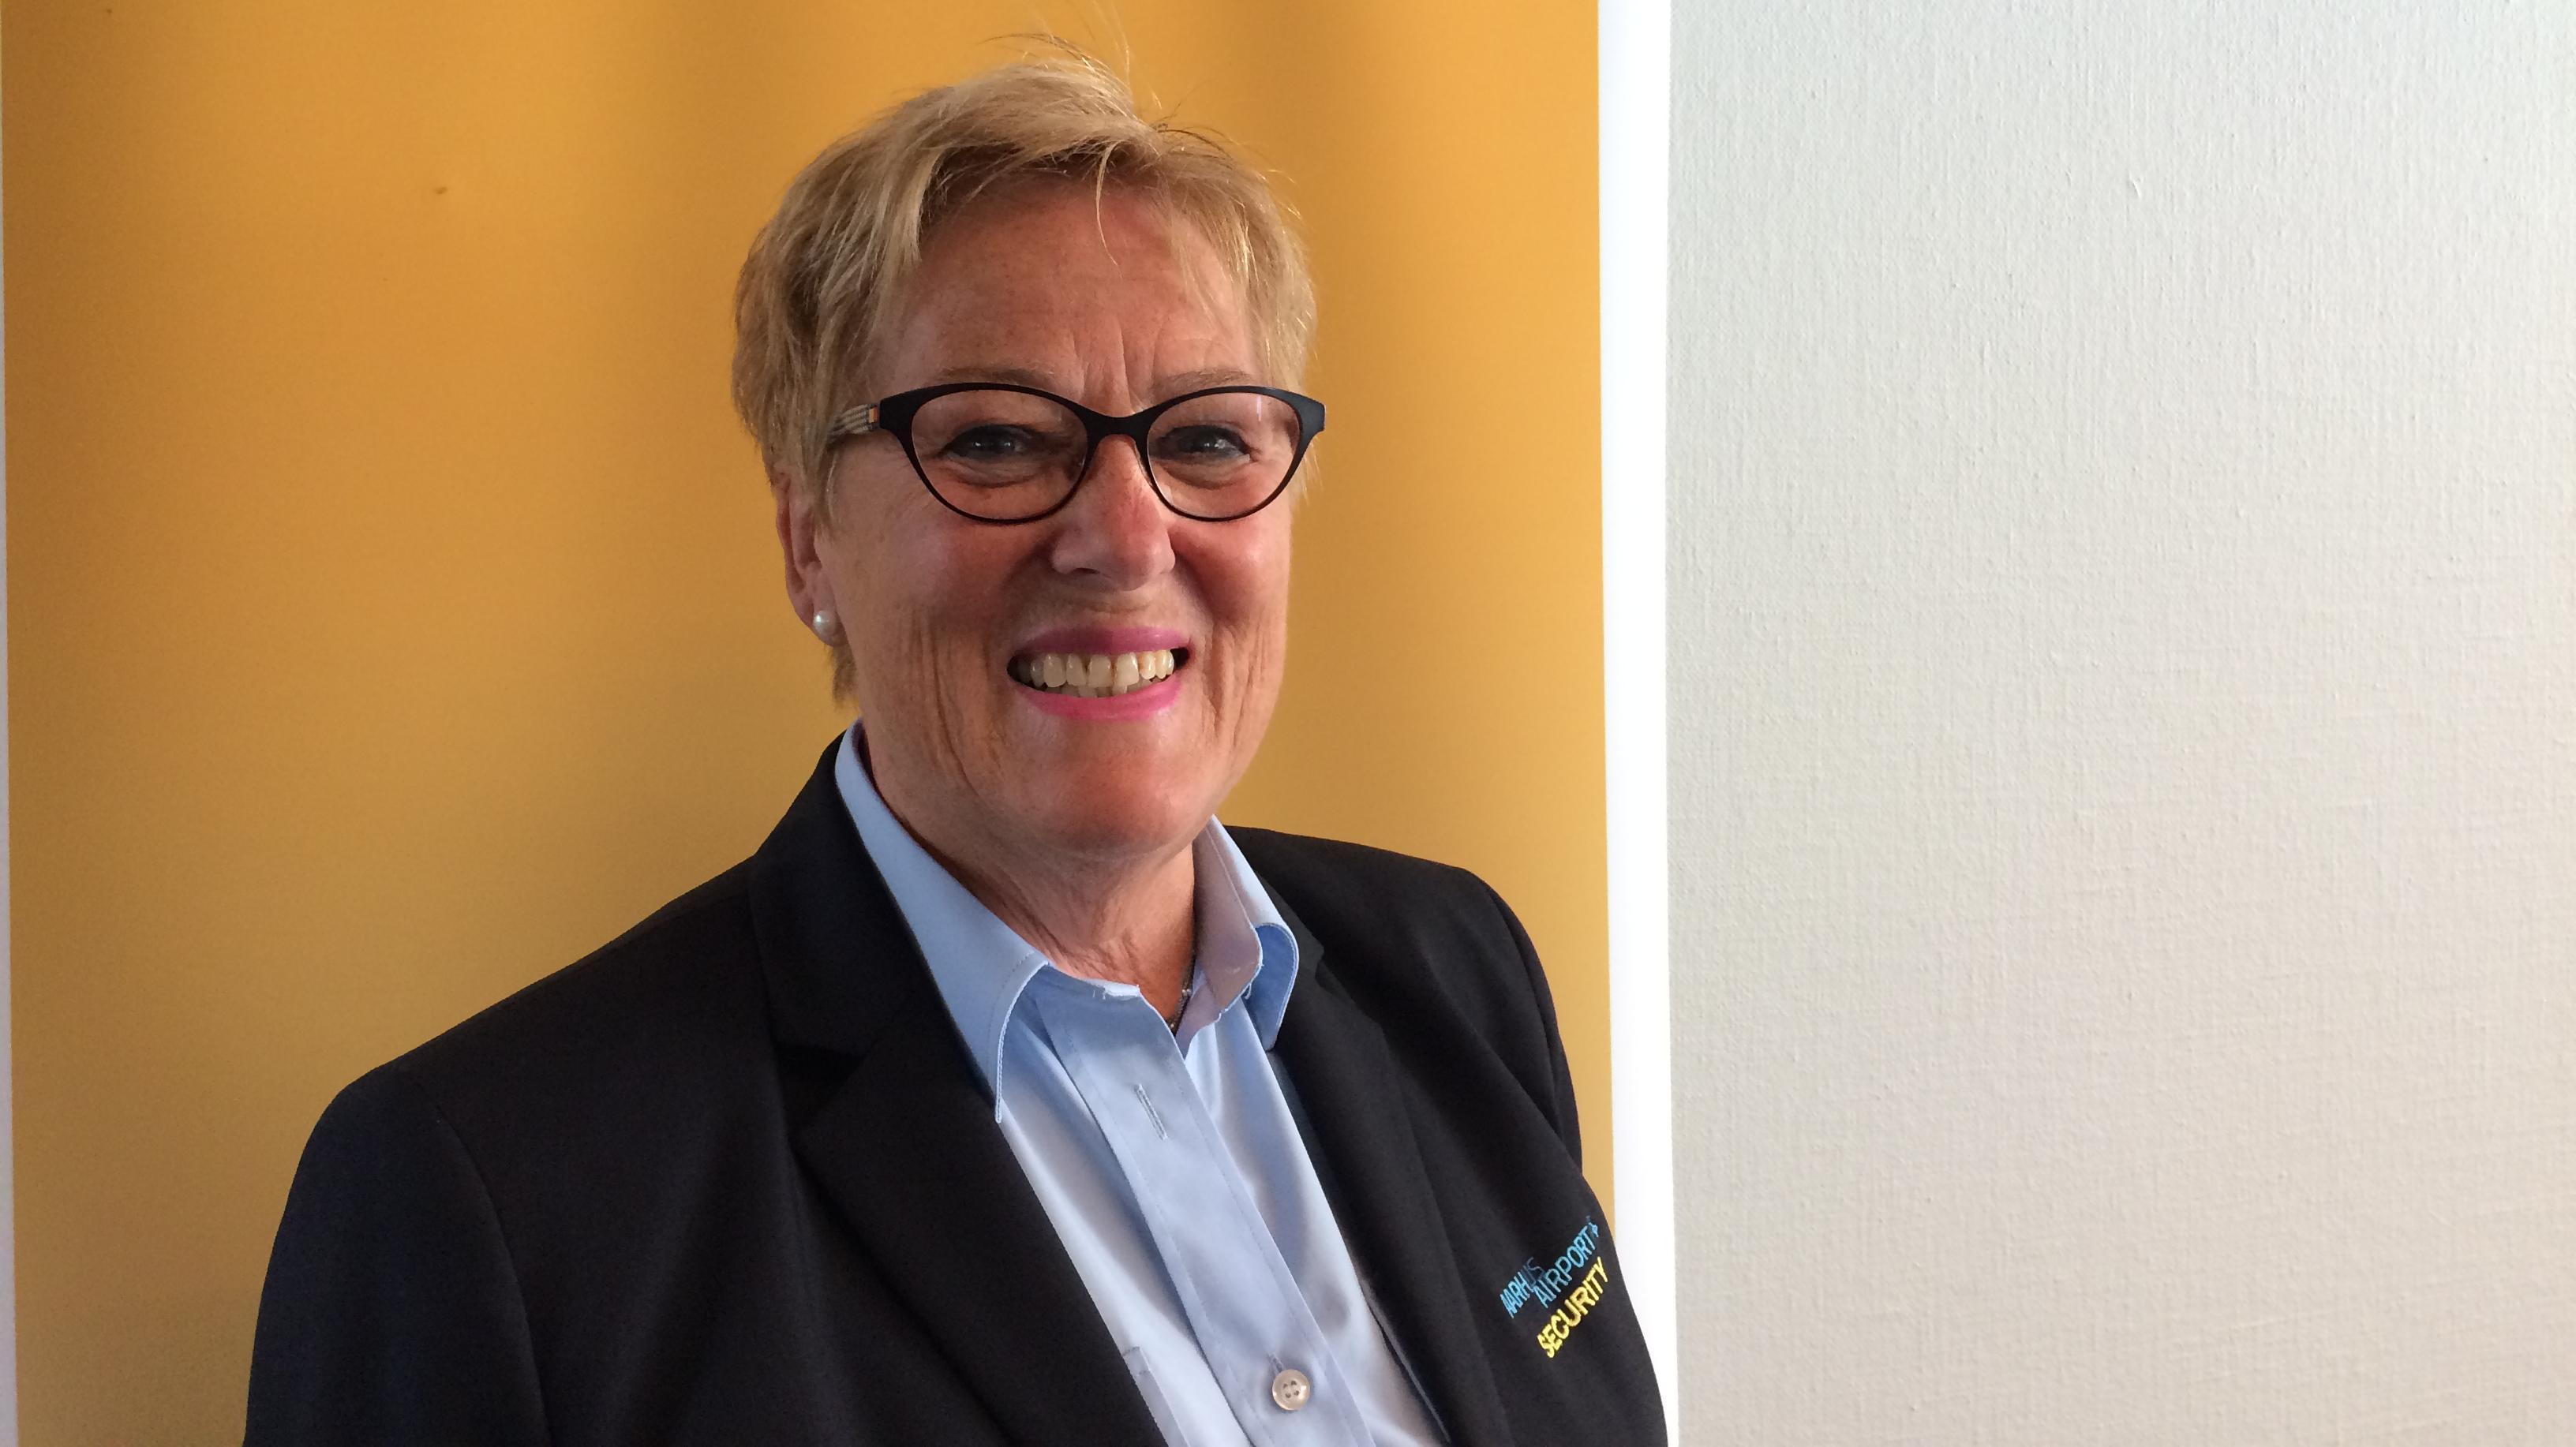 Anne Mette Brandt-Clausen